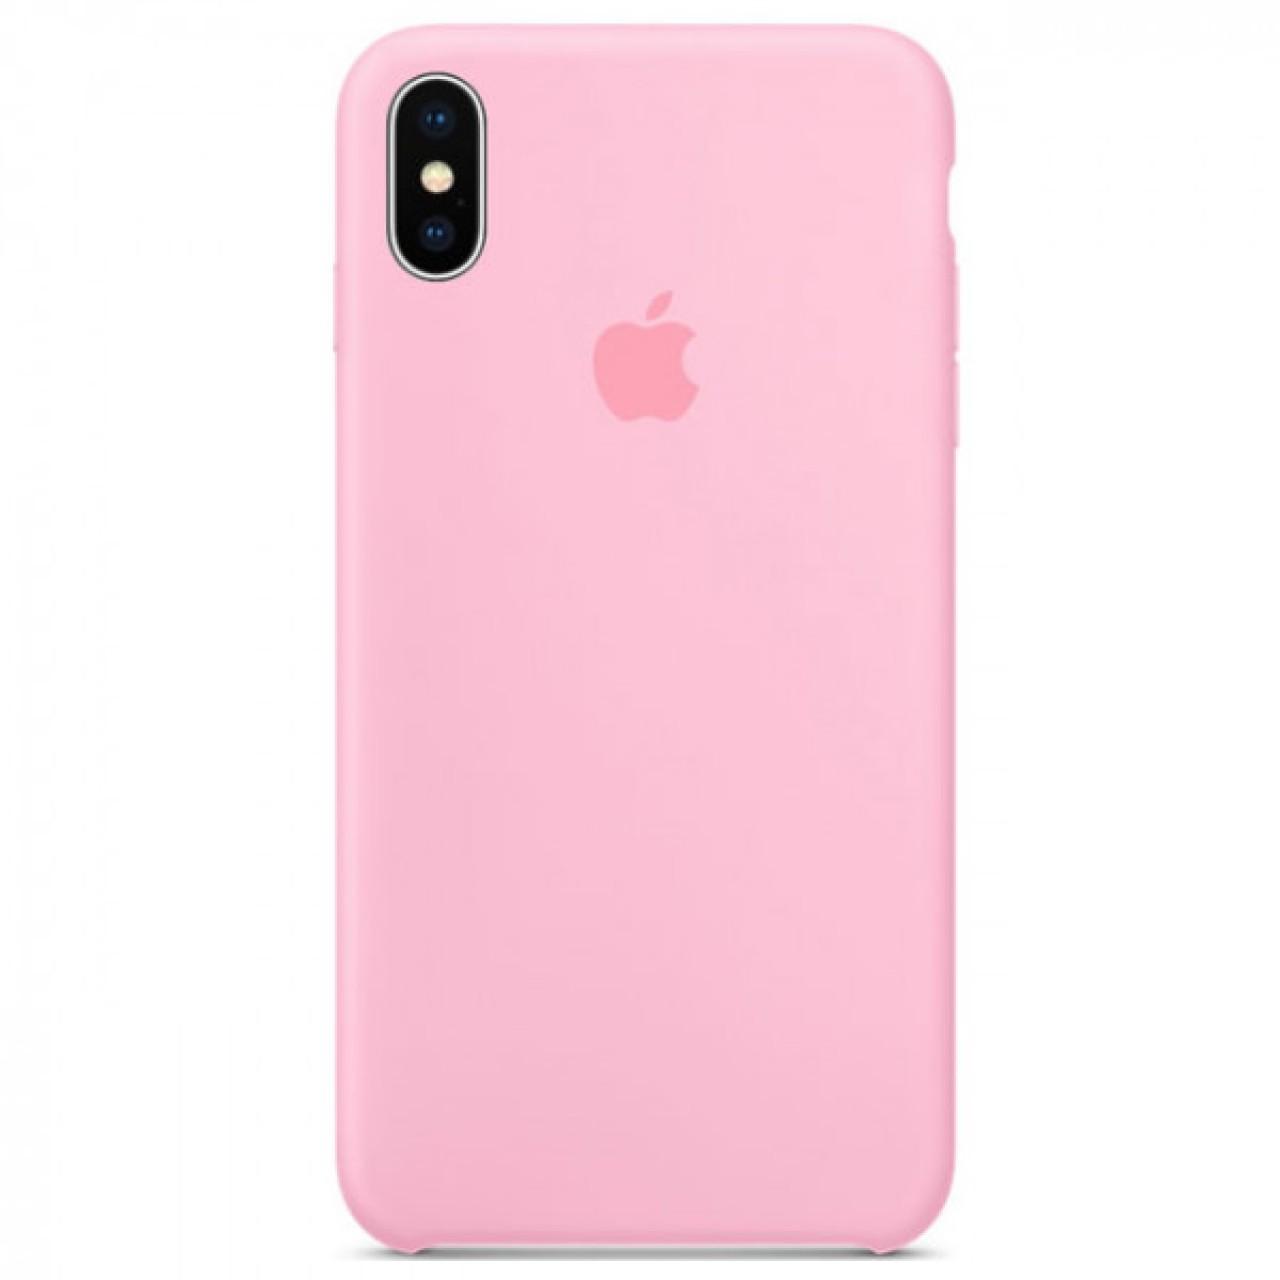 ΘΗΚΗ ΠΡΟΣΤΑΣΙΑΣ ΣΙΛΙΚΟΝΗΣ ΓΙΑ iPhone XS MAX ΡΟΖ - BACK COVER SILICON CASE PINK - OEM